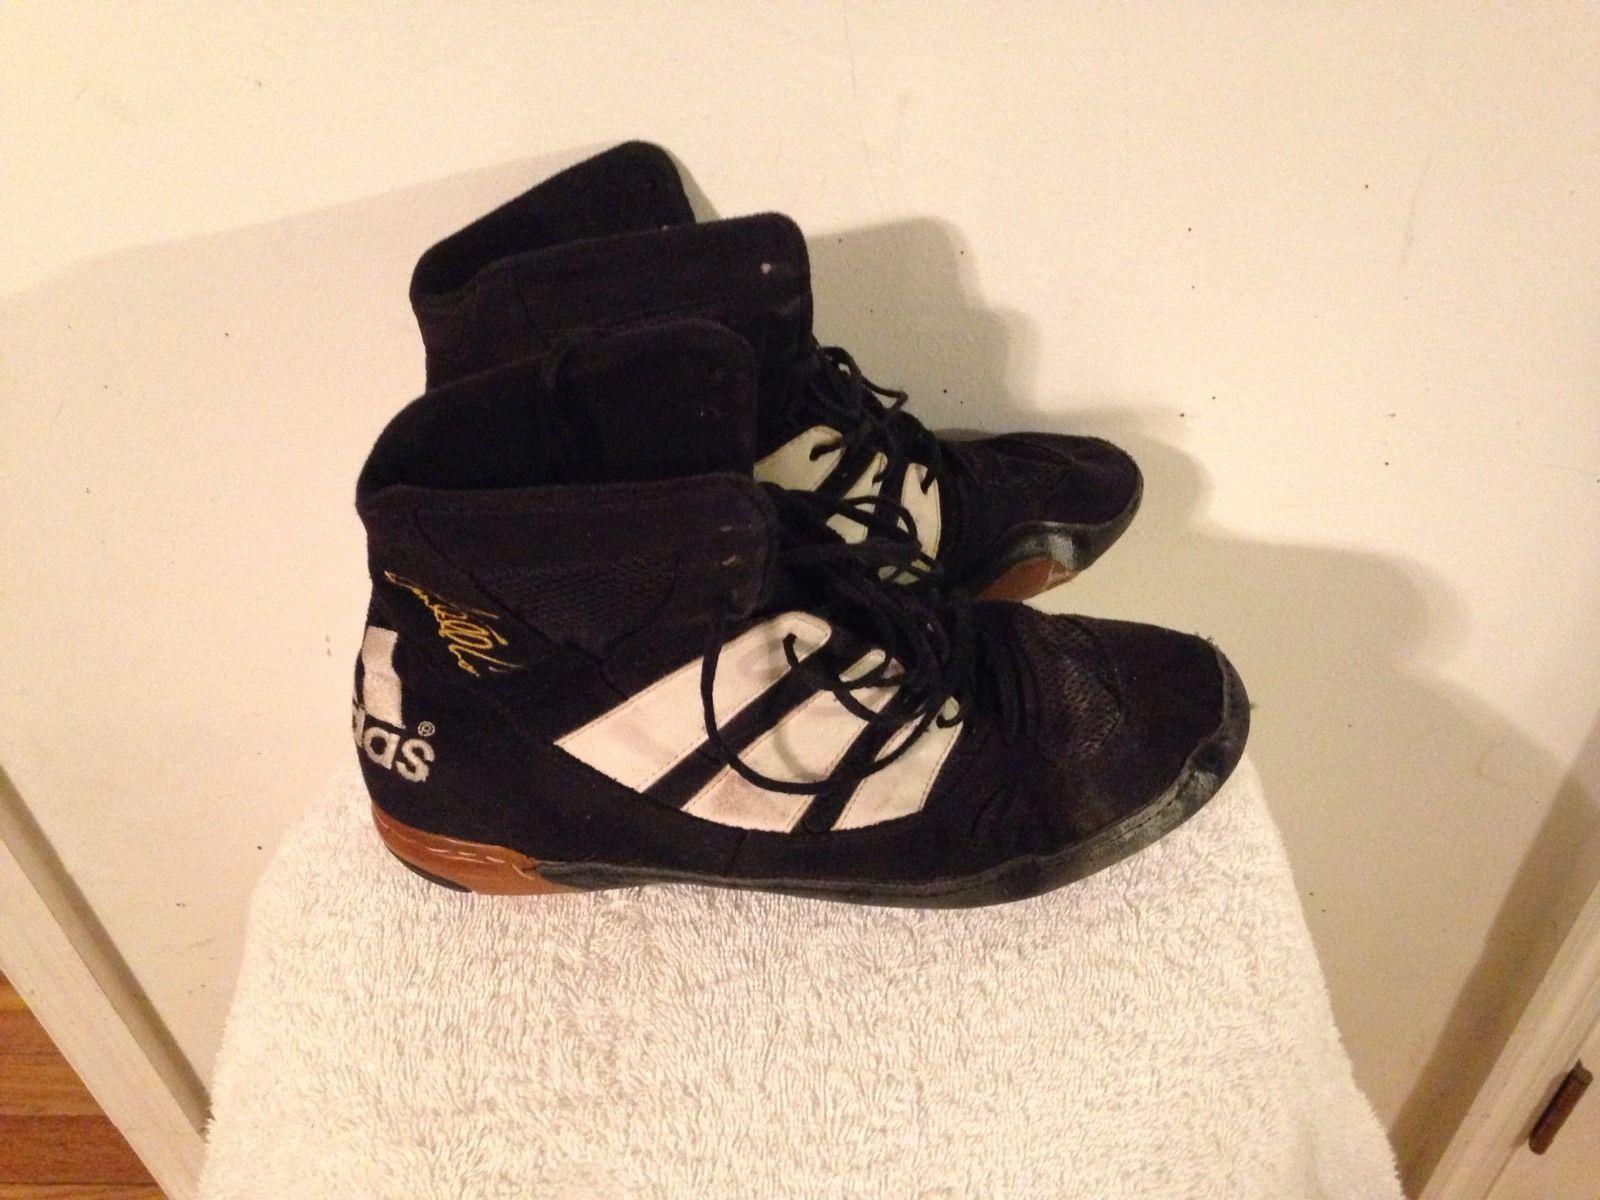 παιδικά αθλητικά παπούτσια διάφορα διάφορα παπούτσια adidas originals 9dd32e